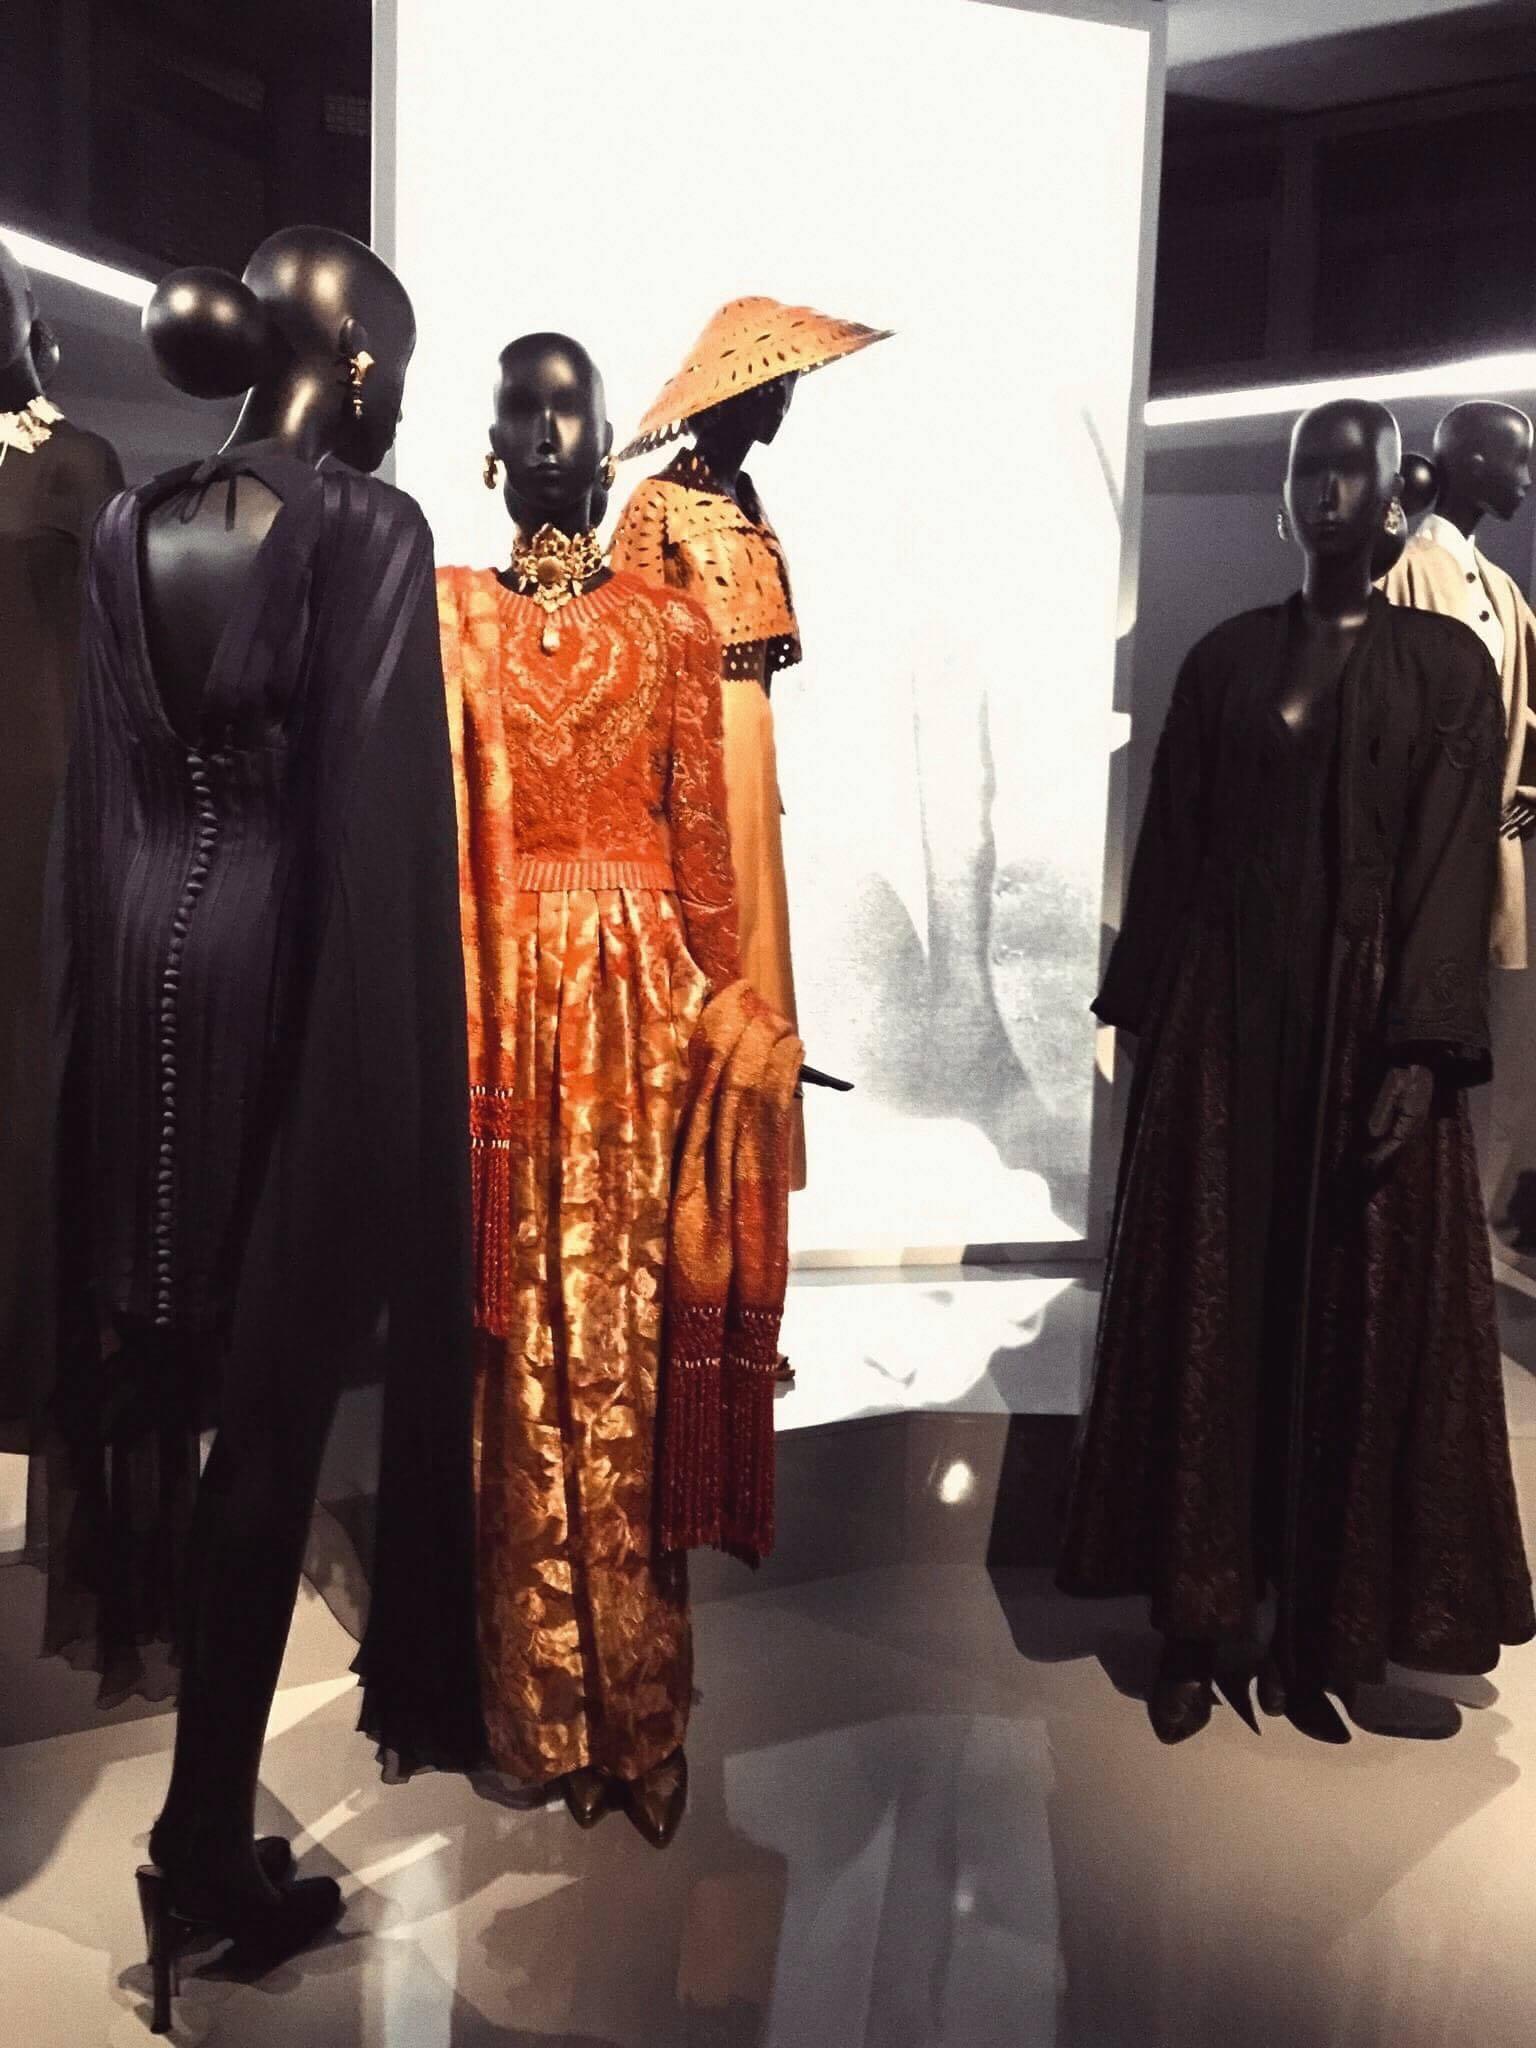 Gianfranco Ferré for Dior